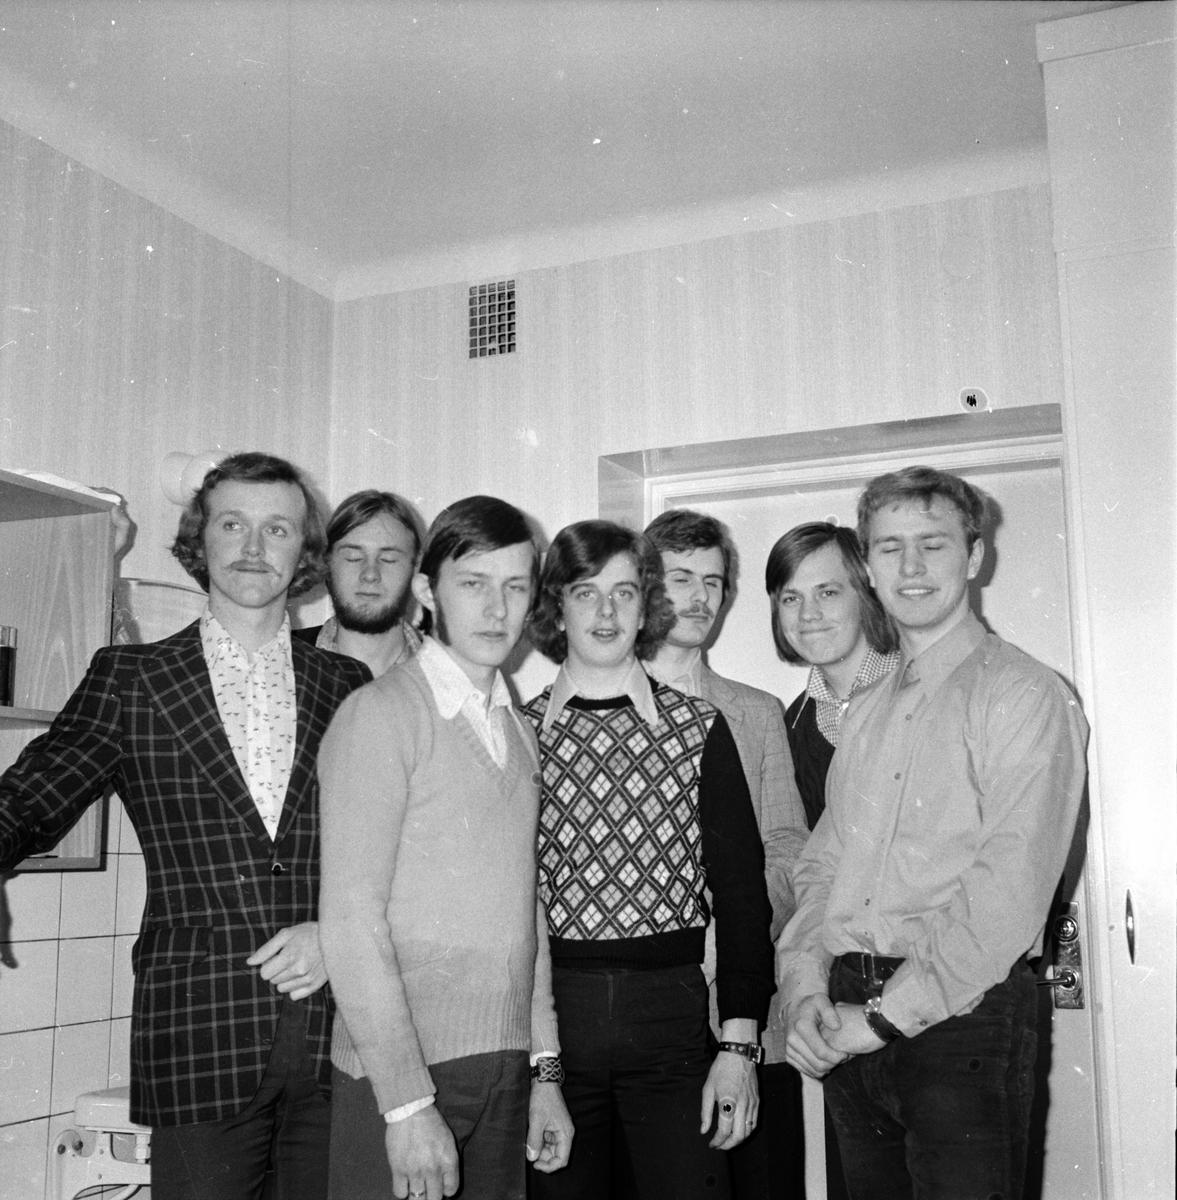 Nytorp. Kursavslutning. April 1974